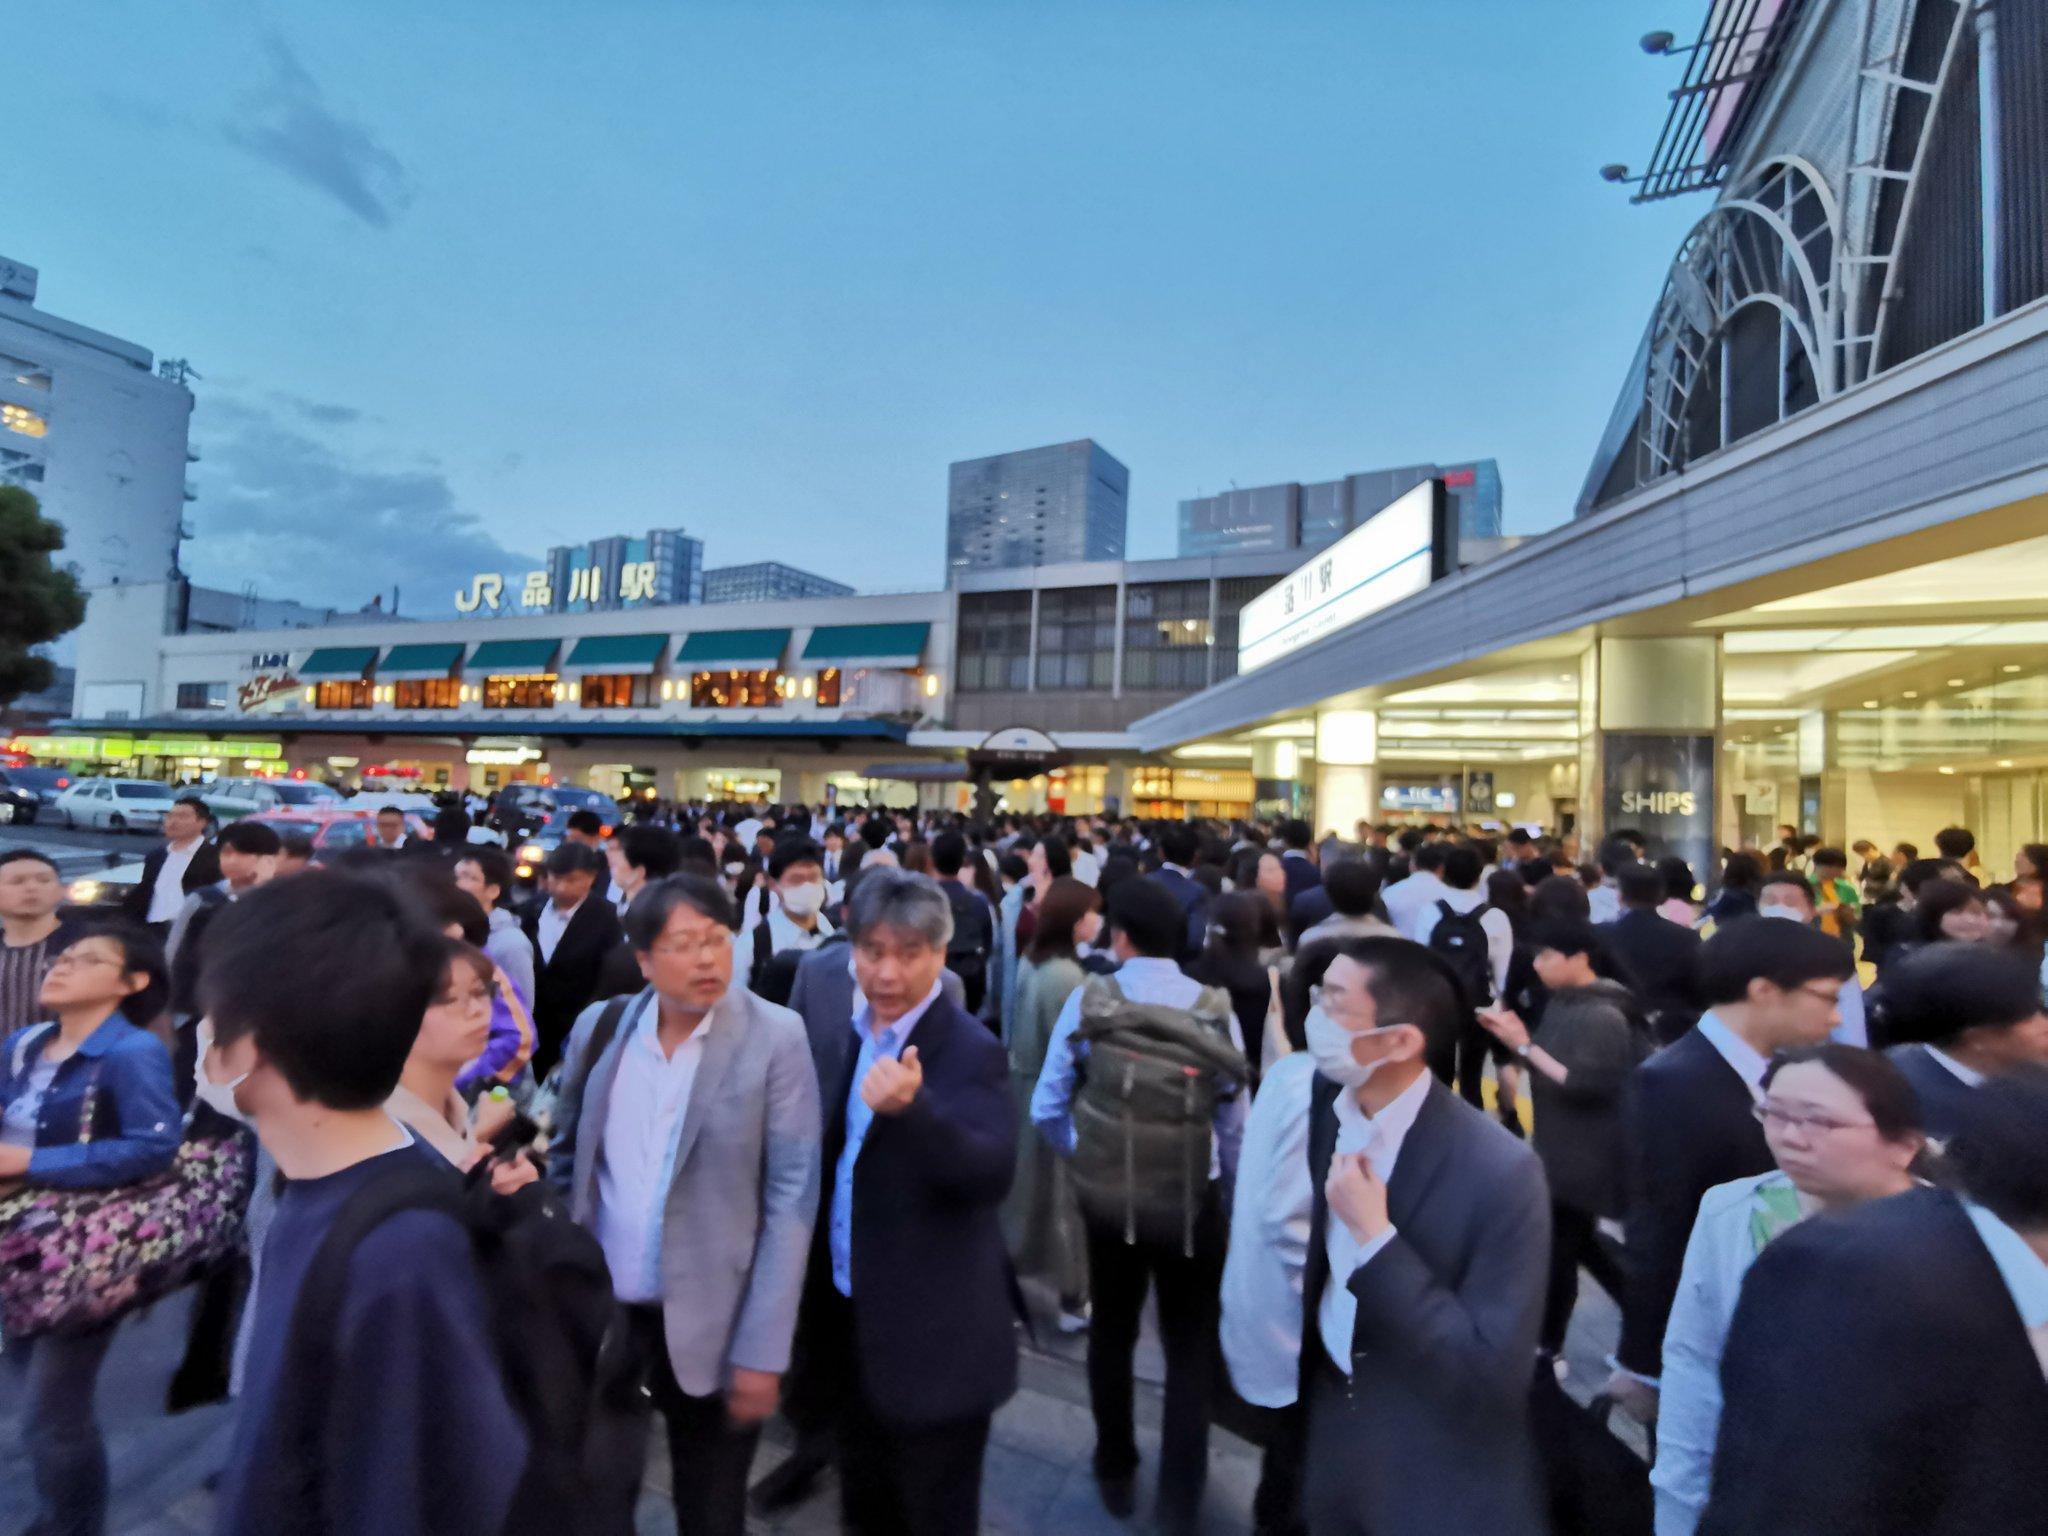 画像,八ツ山橋からの飛び降り人身事故で品川駅大混乱。 https://t.co/WAODhOOKLd。